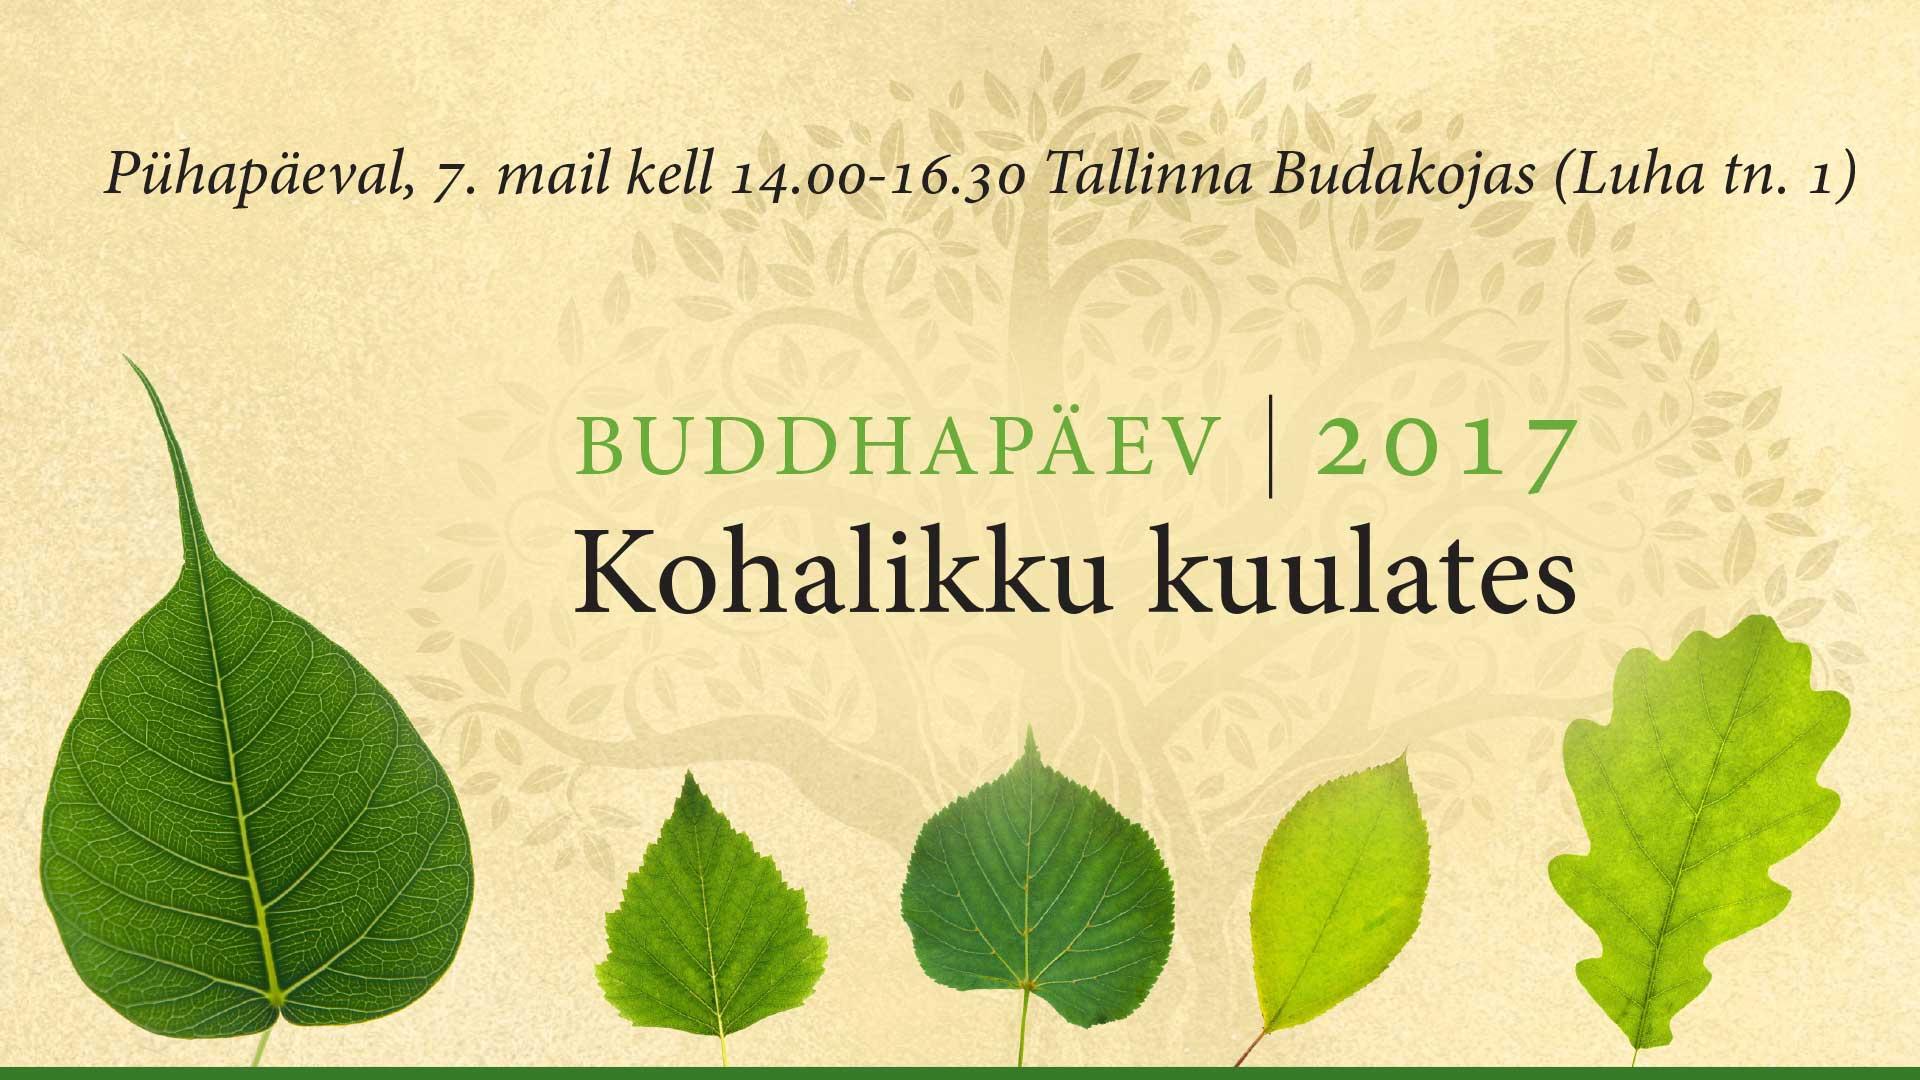 Buddhapäev 2017